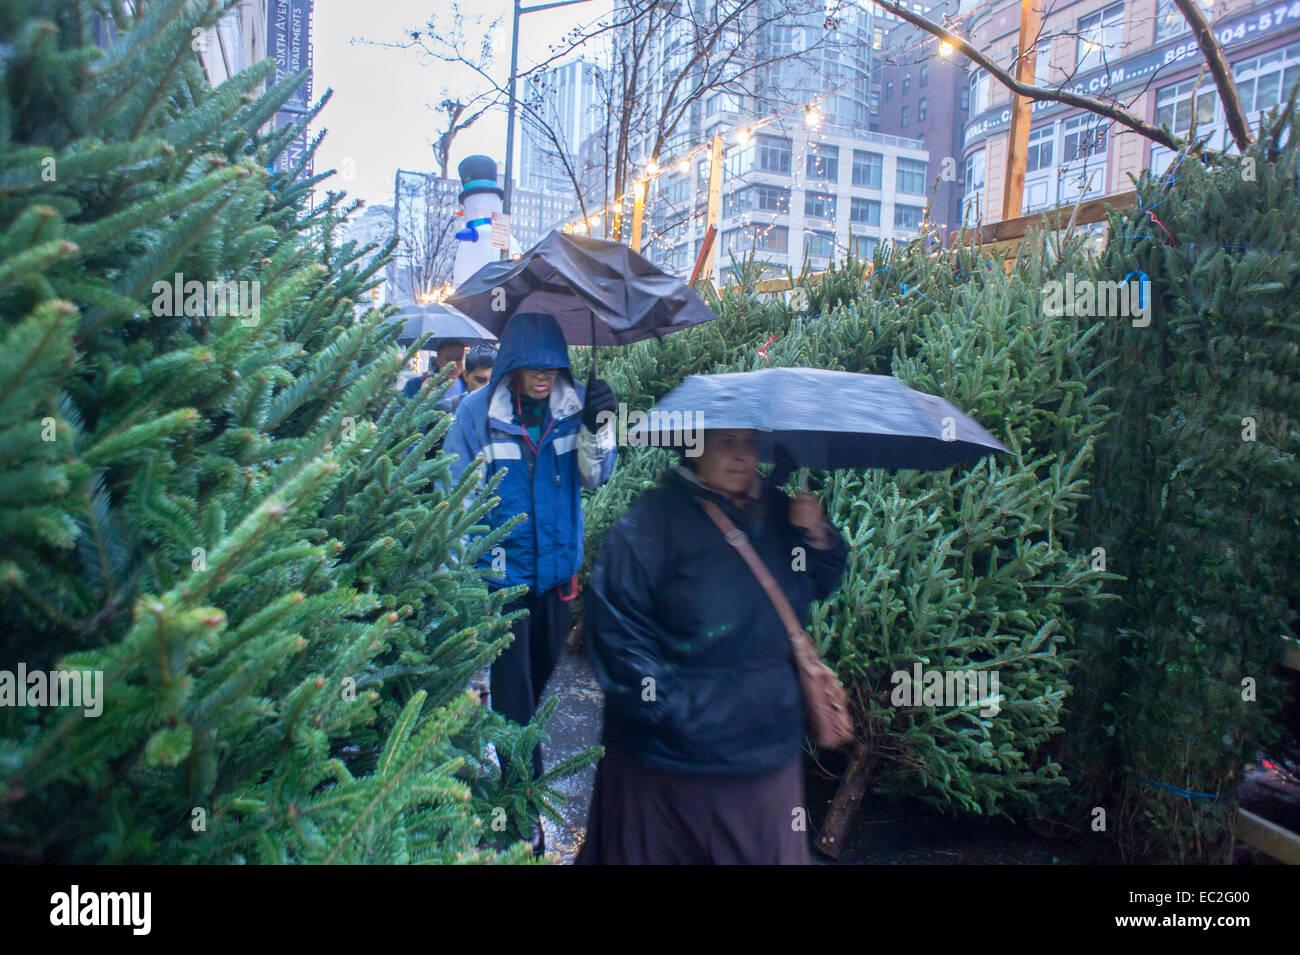 Albero Di Natale 94.Alberi Di Natale E Decorazioni In Vendita Nel Quartiere Di Chelsea Di New York Sabato 6 Dicembre 2014 Secondo La American Albero Di Natale Associazione Lo Scorso Anno Gli Americani Hanno Mostrato